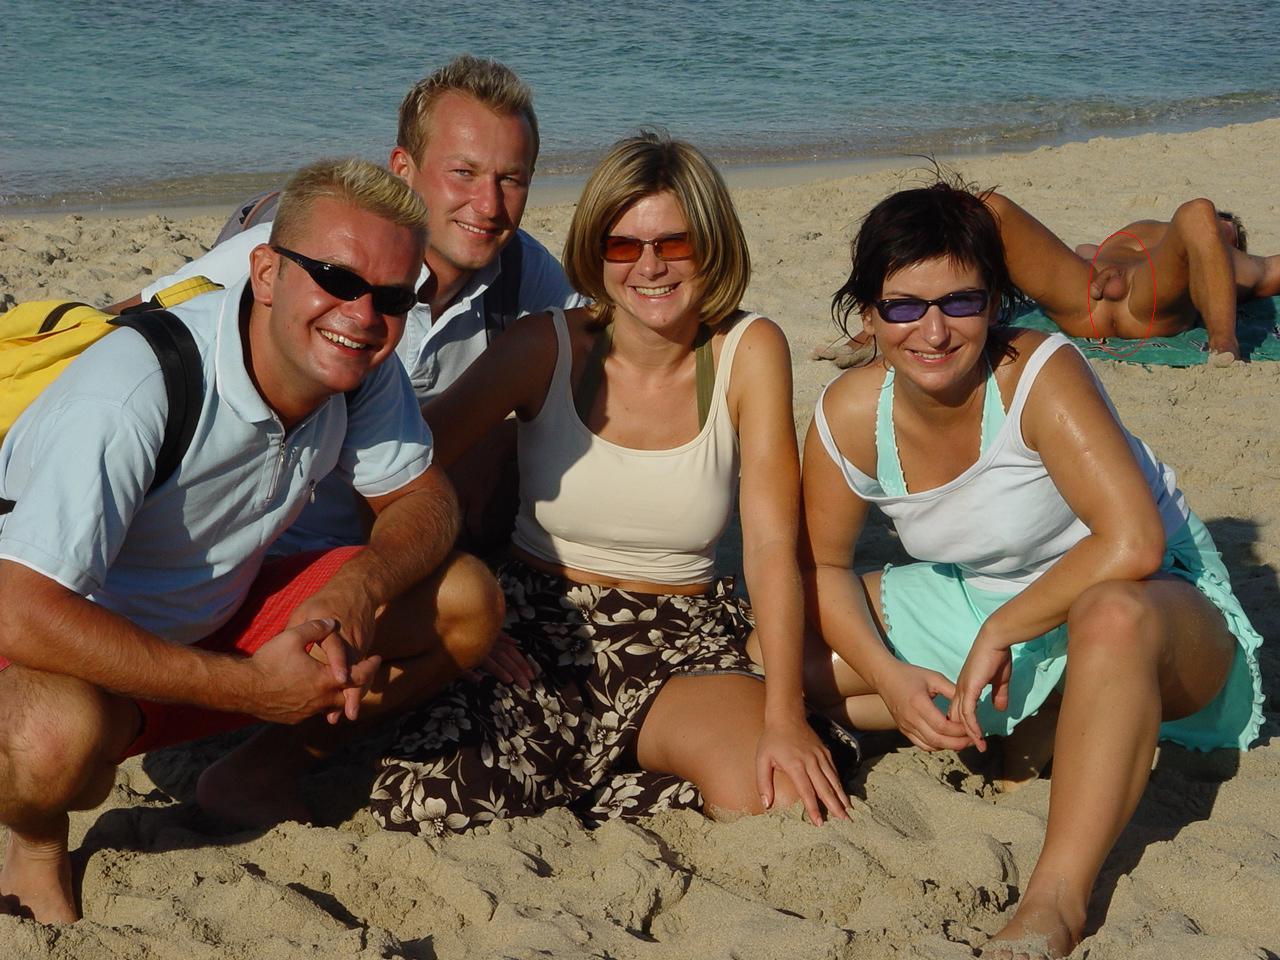 Фото людей на нудистских пляжах 9 фотография